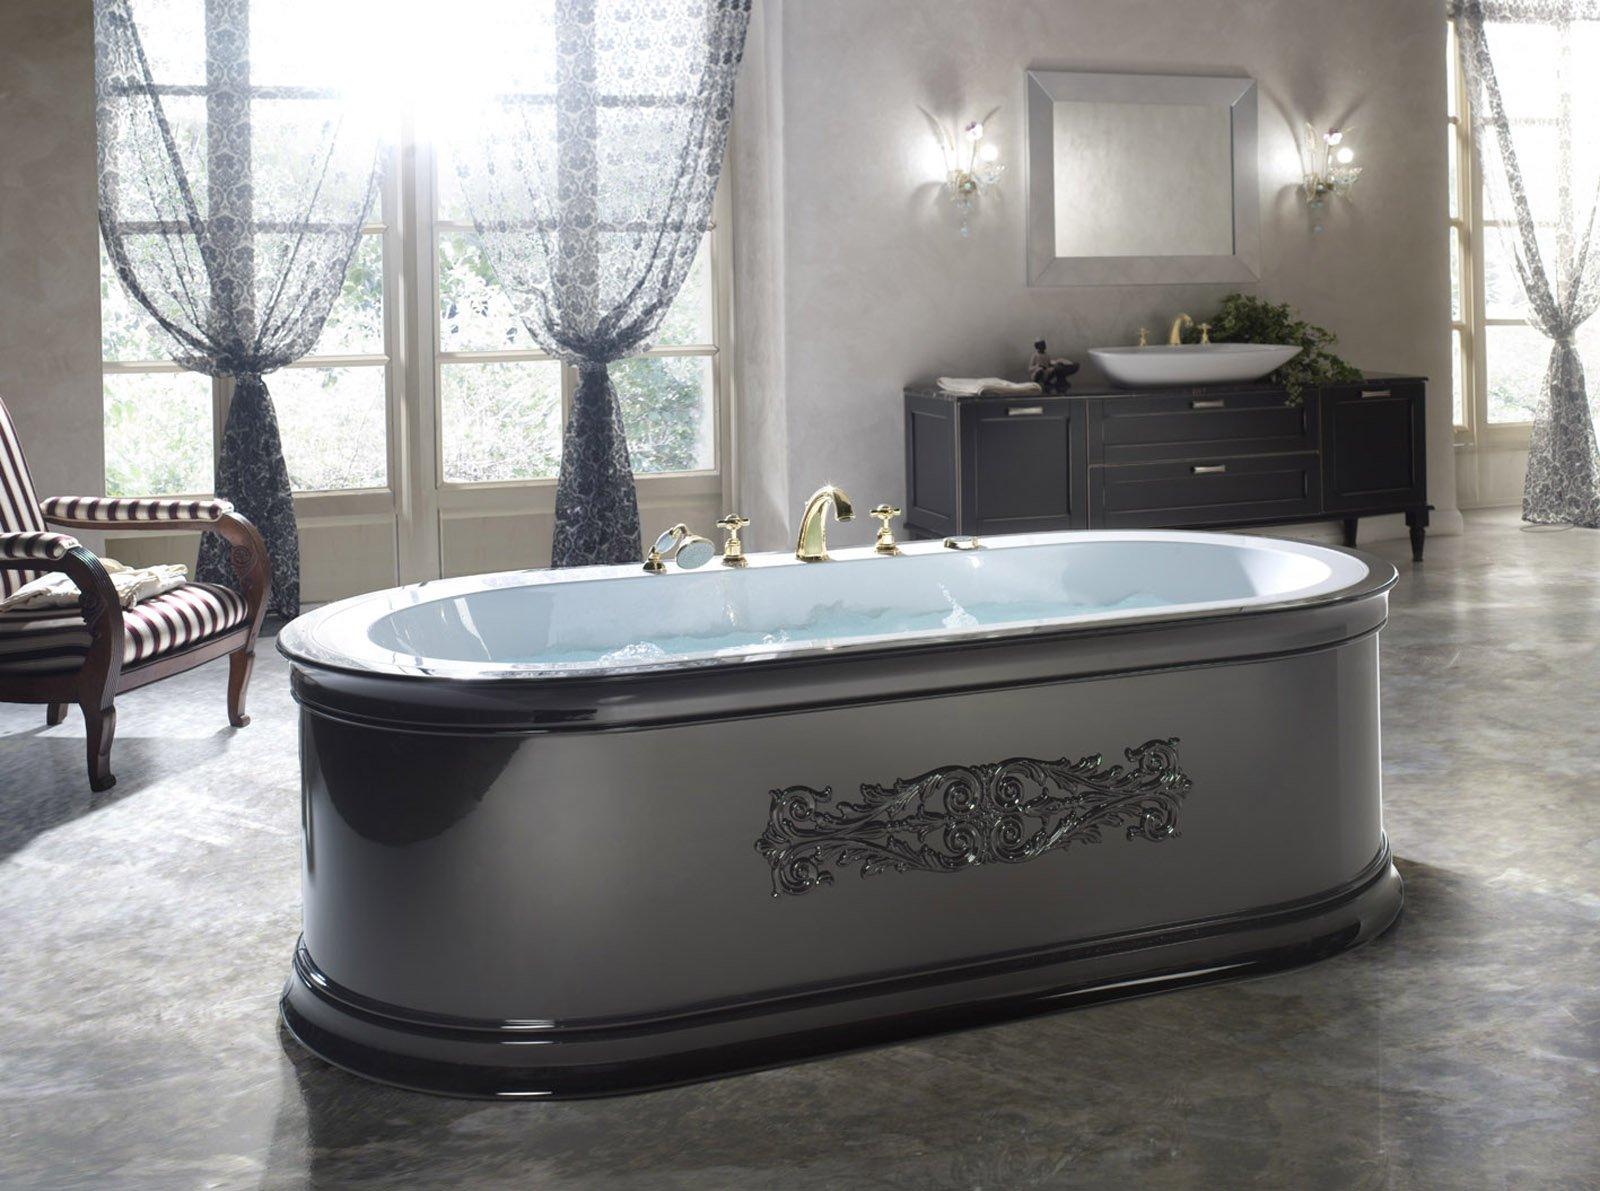 Le vasche idromassaggio cose di casa - Vasca da bagno retro ...